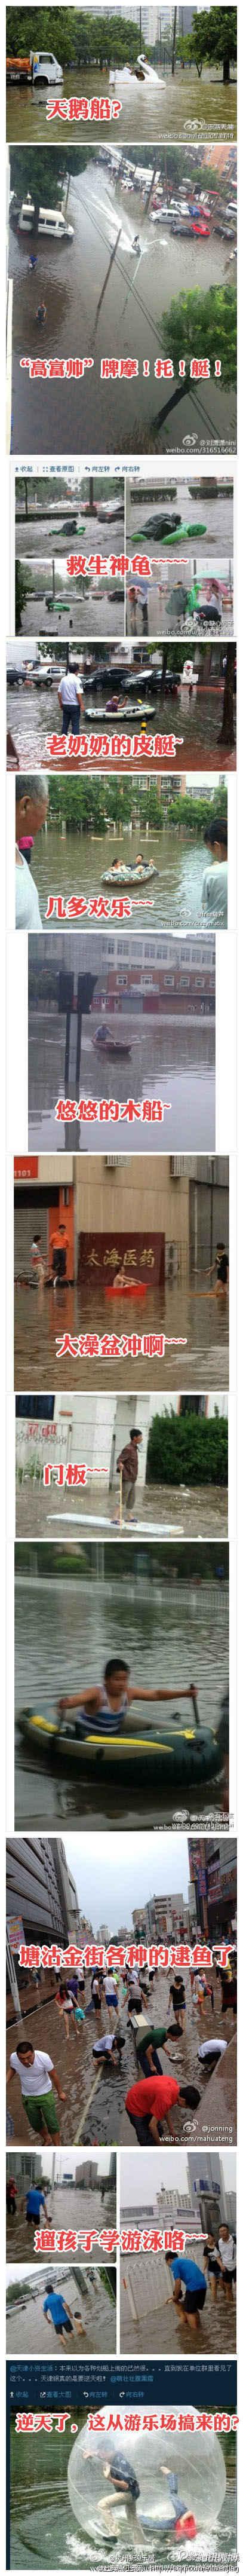 暴雨已经被天津人民玩死了(威力加强版)天津一场暴雨——整个天津卫,成了水上迪斯尼……唉,愿天下人,都有天津人的心